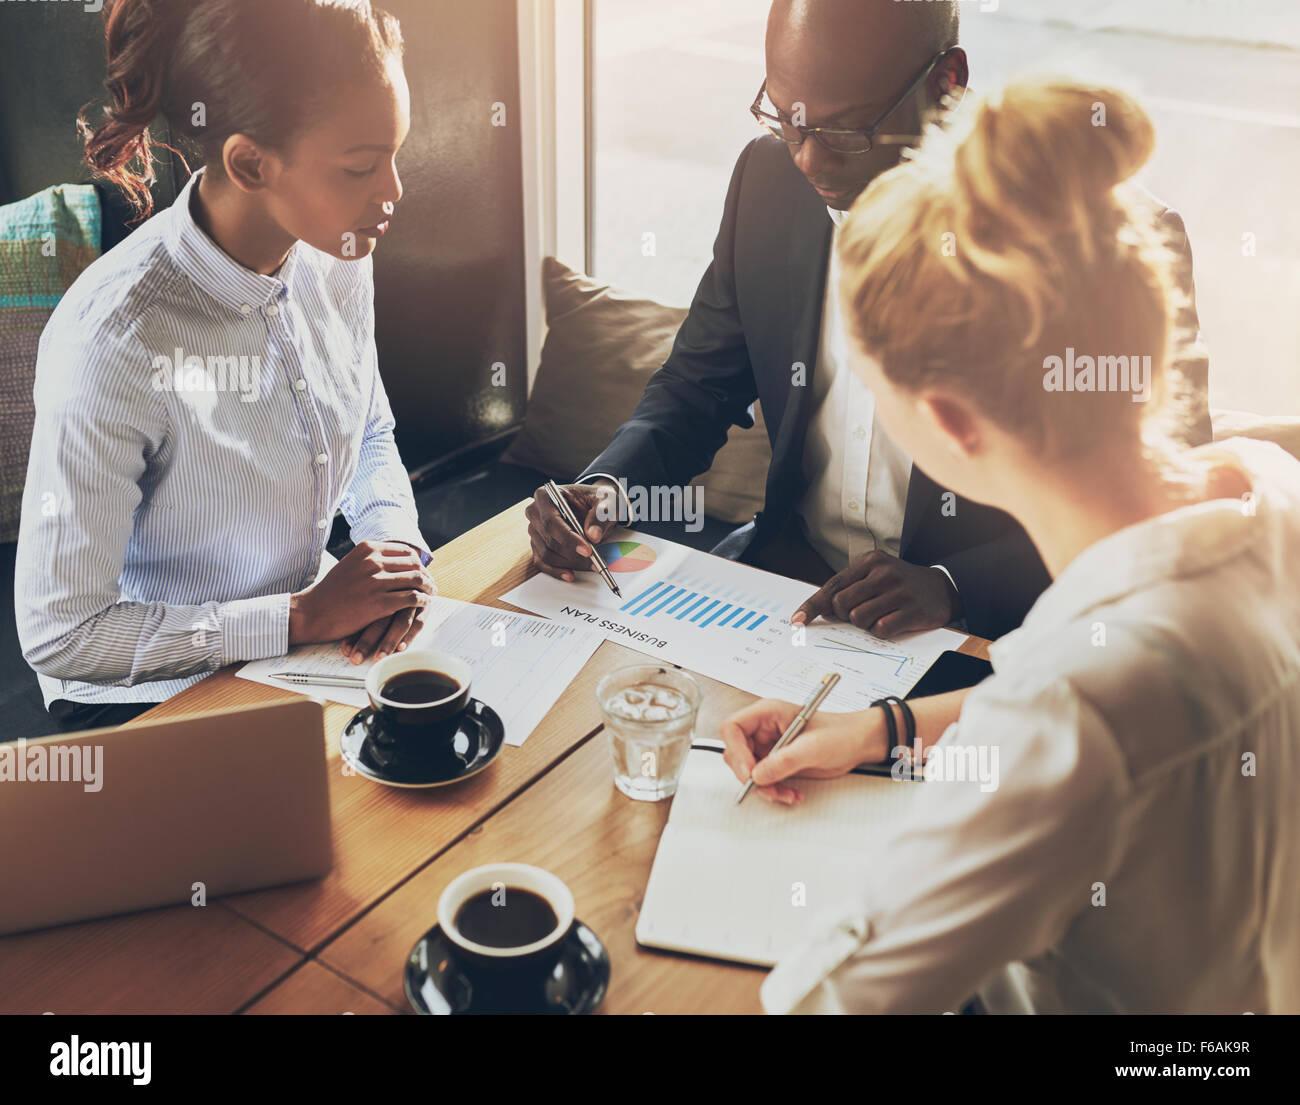 La gente di affari discutendo le tabelle e grafici che mostrano i risultati del loro lavoro di squadra di successo, Immagini Stock